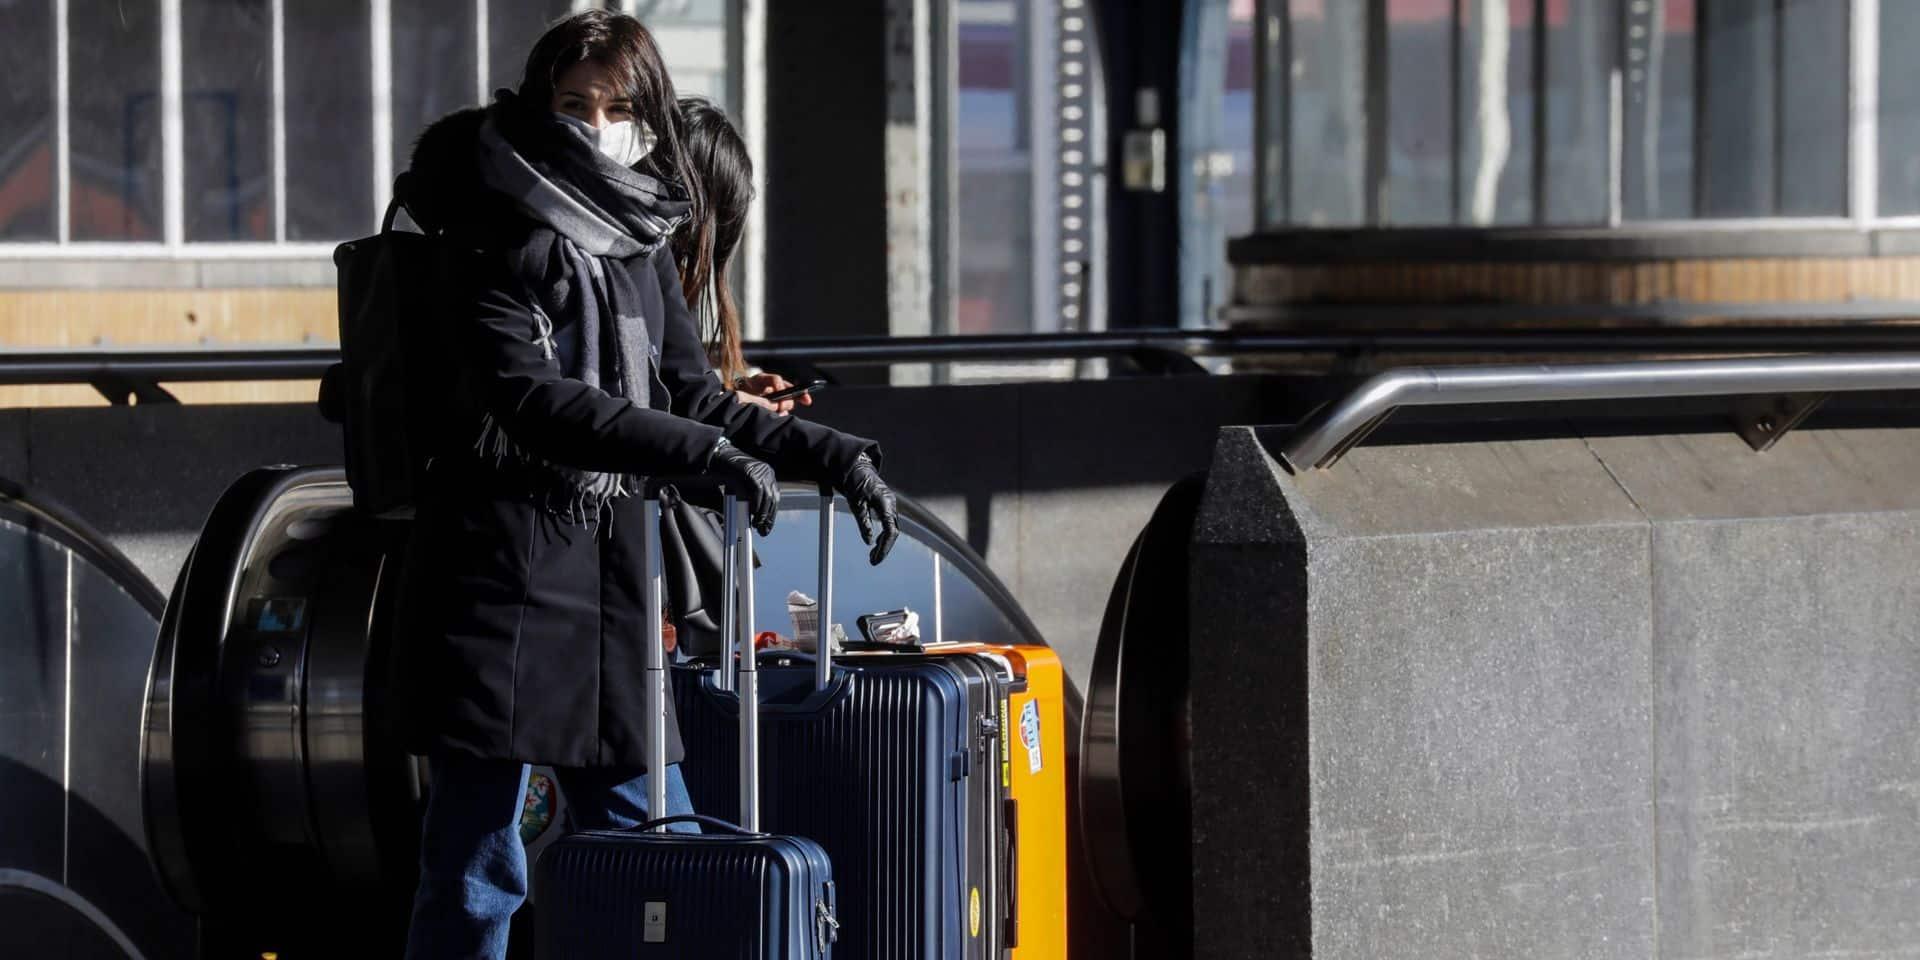 """Vers une limitation plus stricte des déplacements en Belgique ? """"Cela peut devenir très préoccupant"""""""